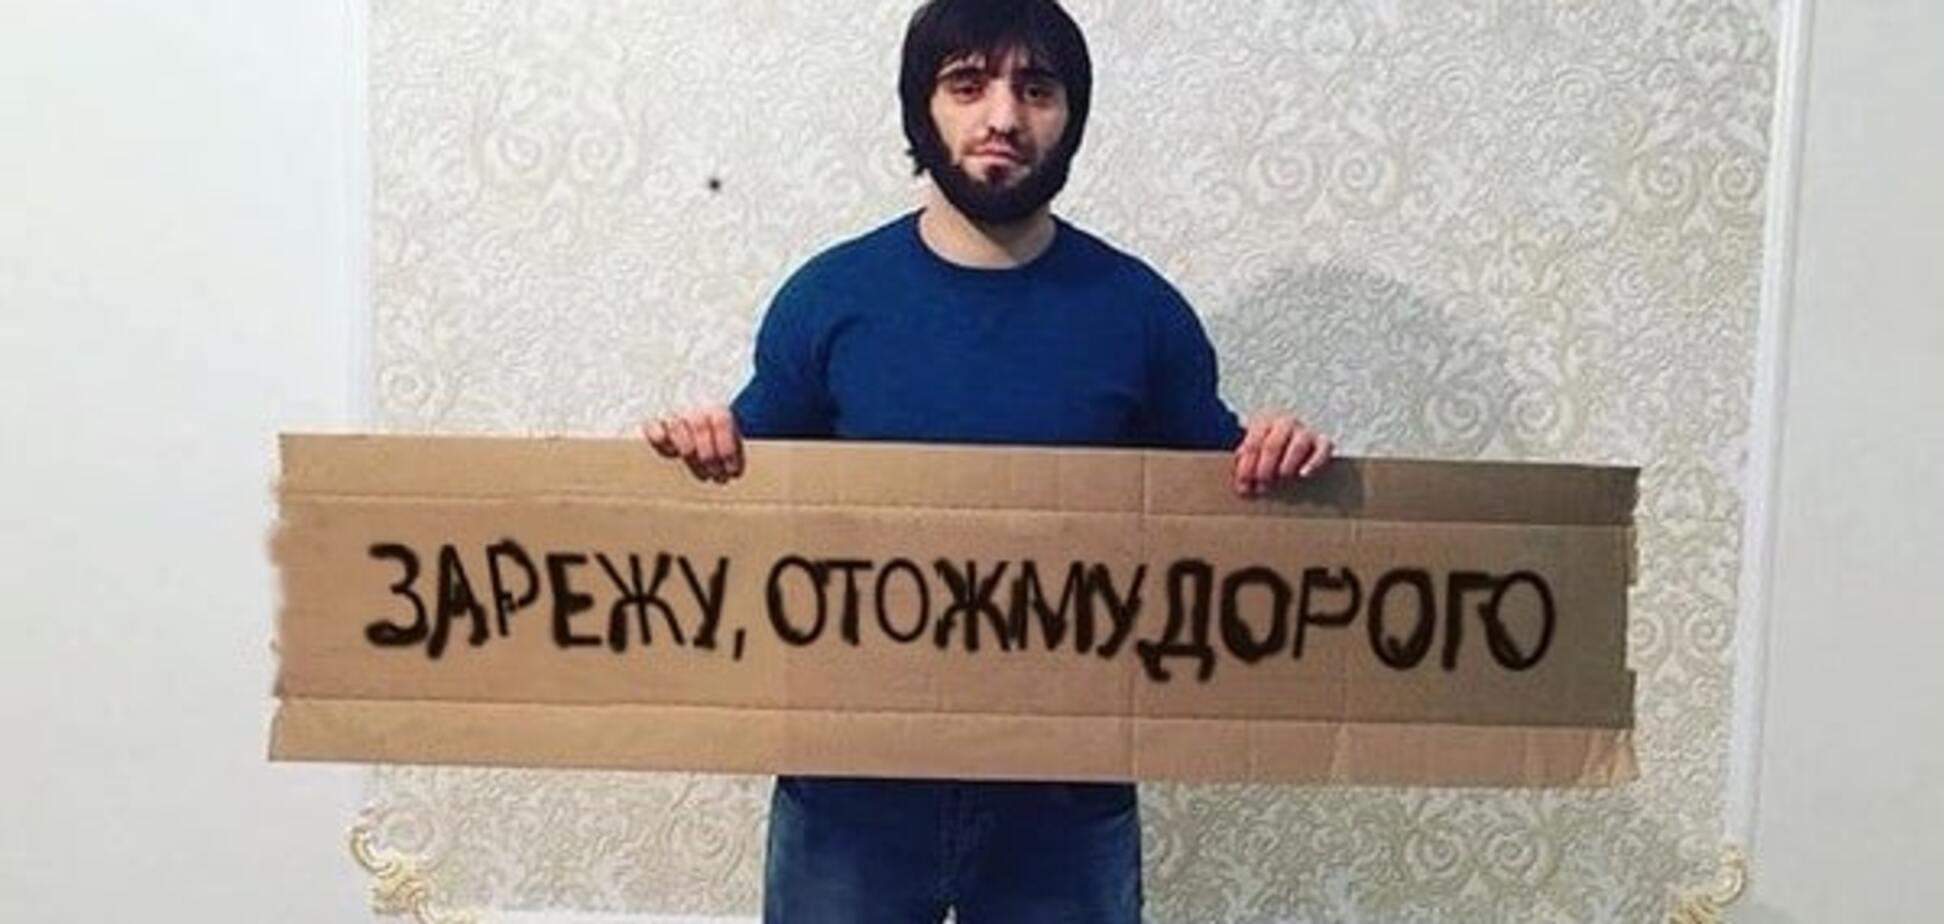 'Зарежу, отожму': фотожабы на Кадырова взорвали соцсети